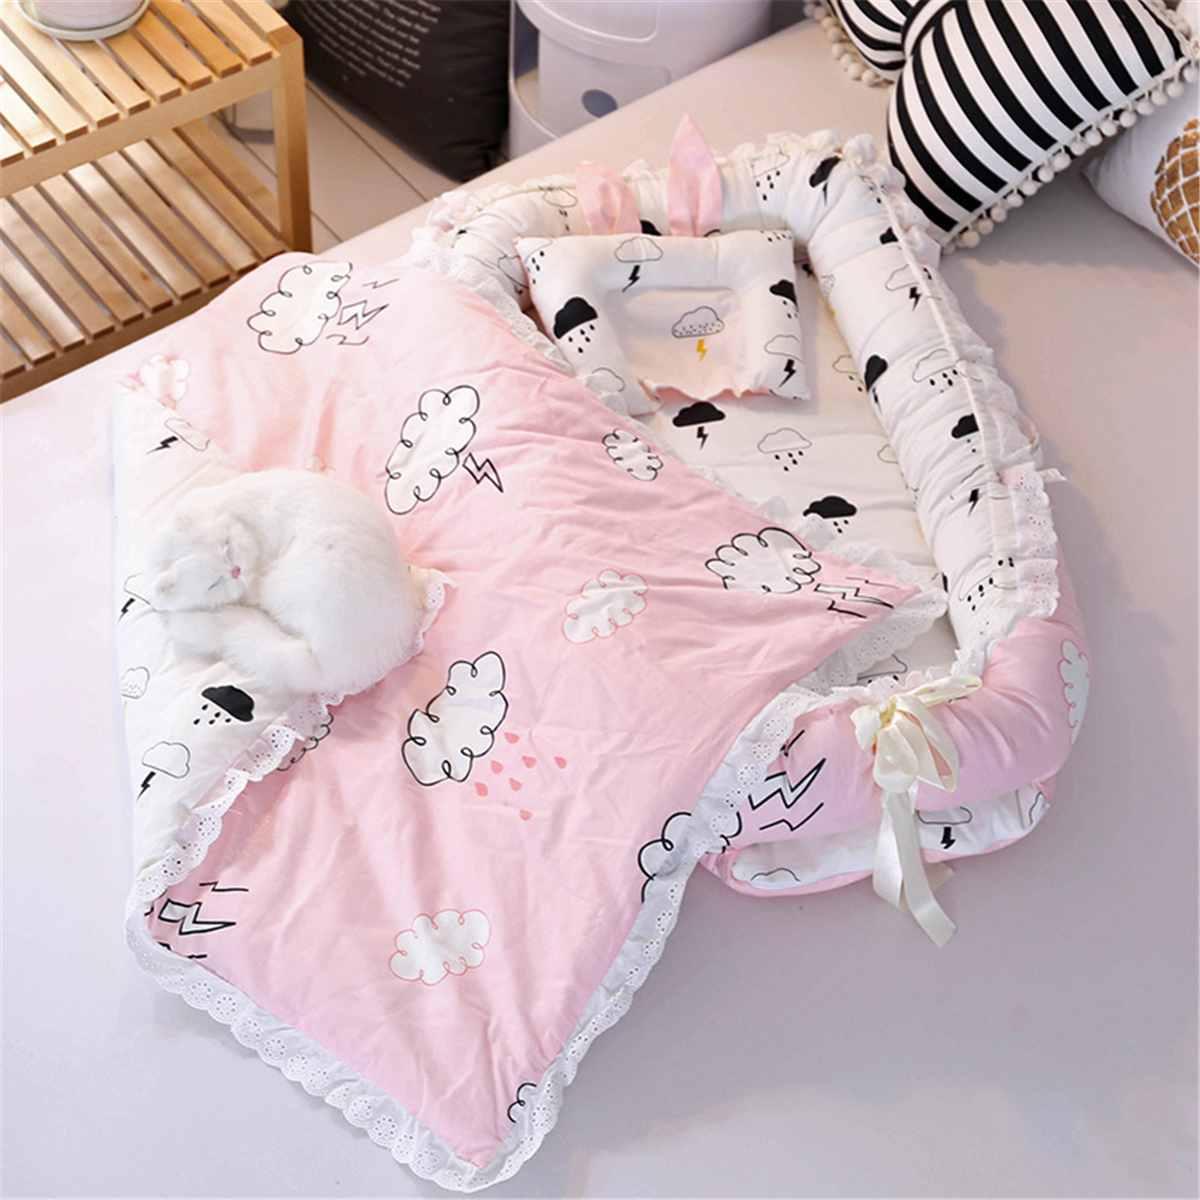 Respirável saco de Dormir de Algodão Berço Cama Do Sono Do Bebê Recém-nascido Portátil Destacável Colchão Cama Ninho Do Sono Do Bebê Travesseiro Meninos Meninas